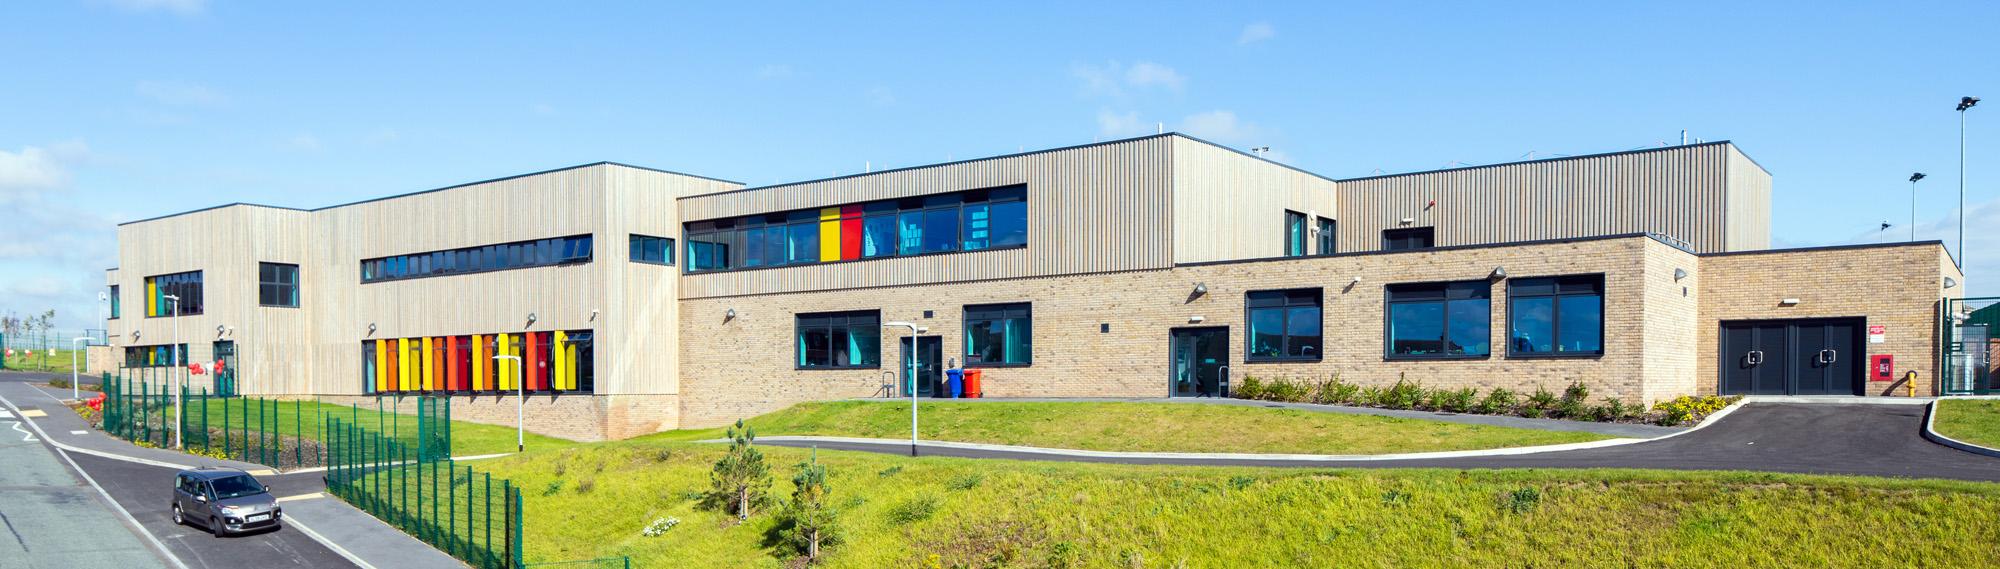 Gelliswick (Hakin) Primary School